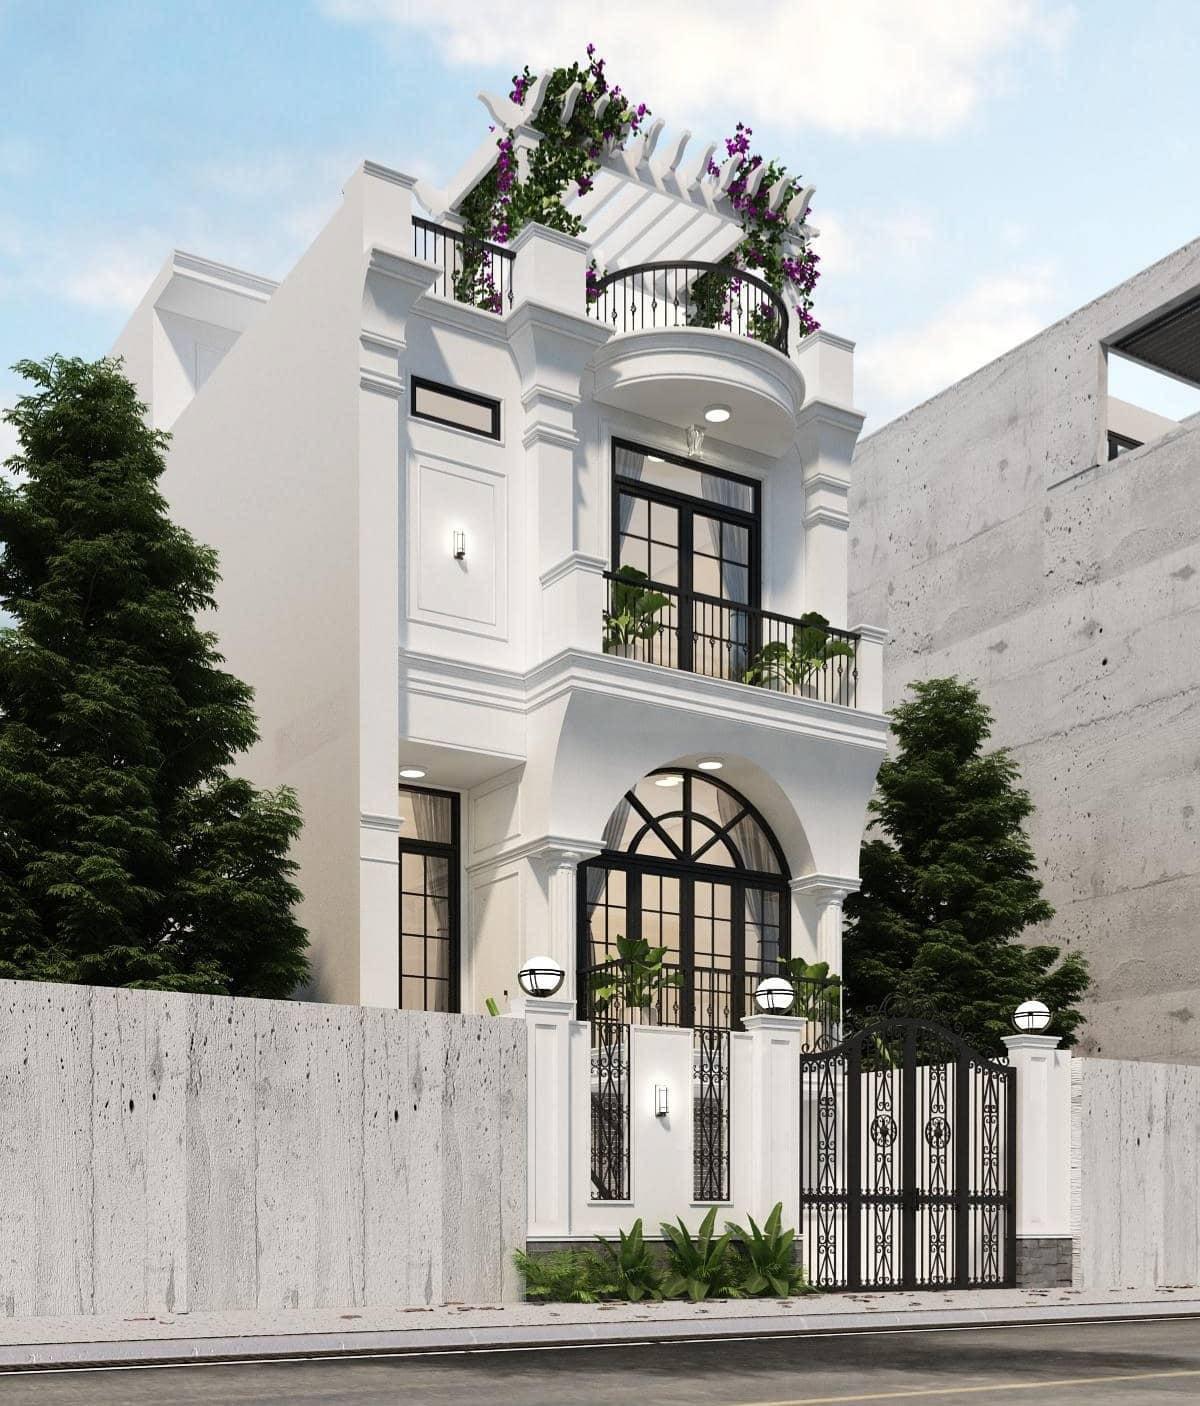 nhà phố mang phong cách kiến trúc tân cổ điển